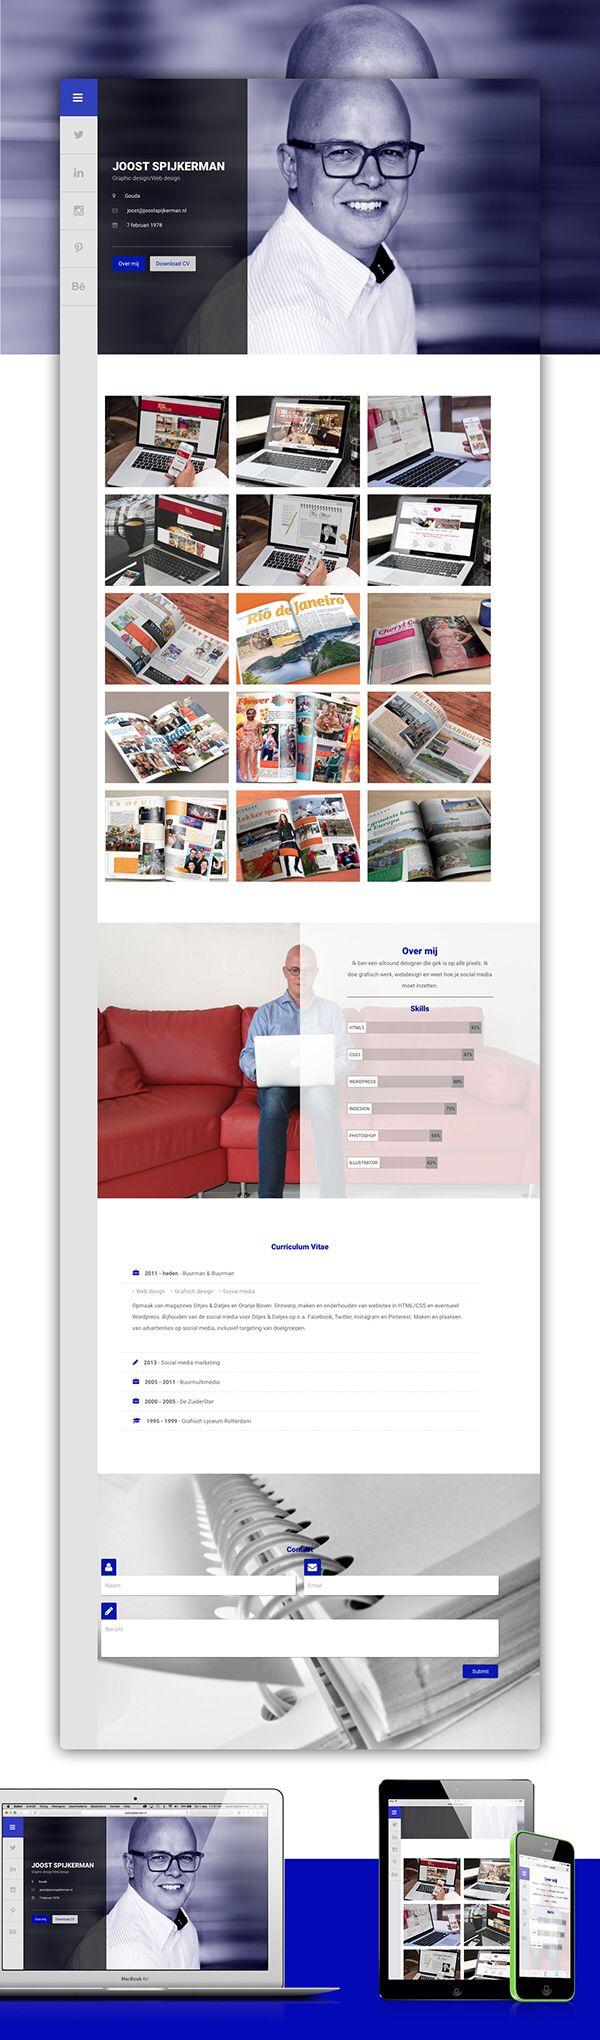 Online CV #portfolio #cv #webdesign